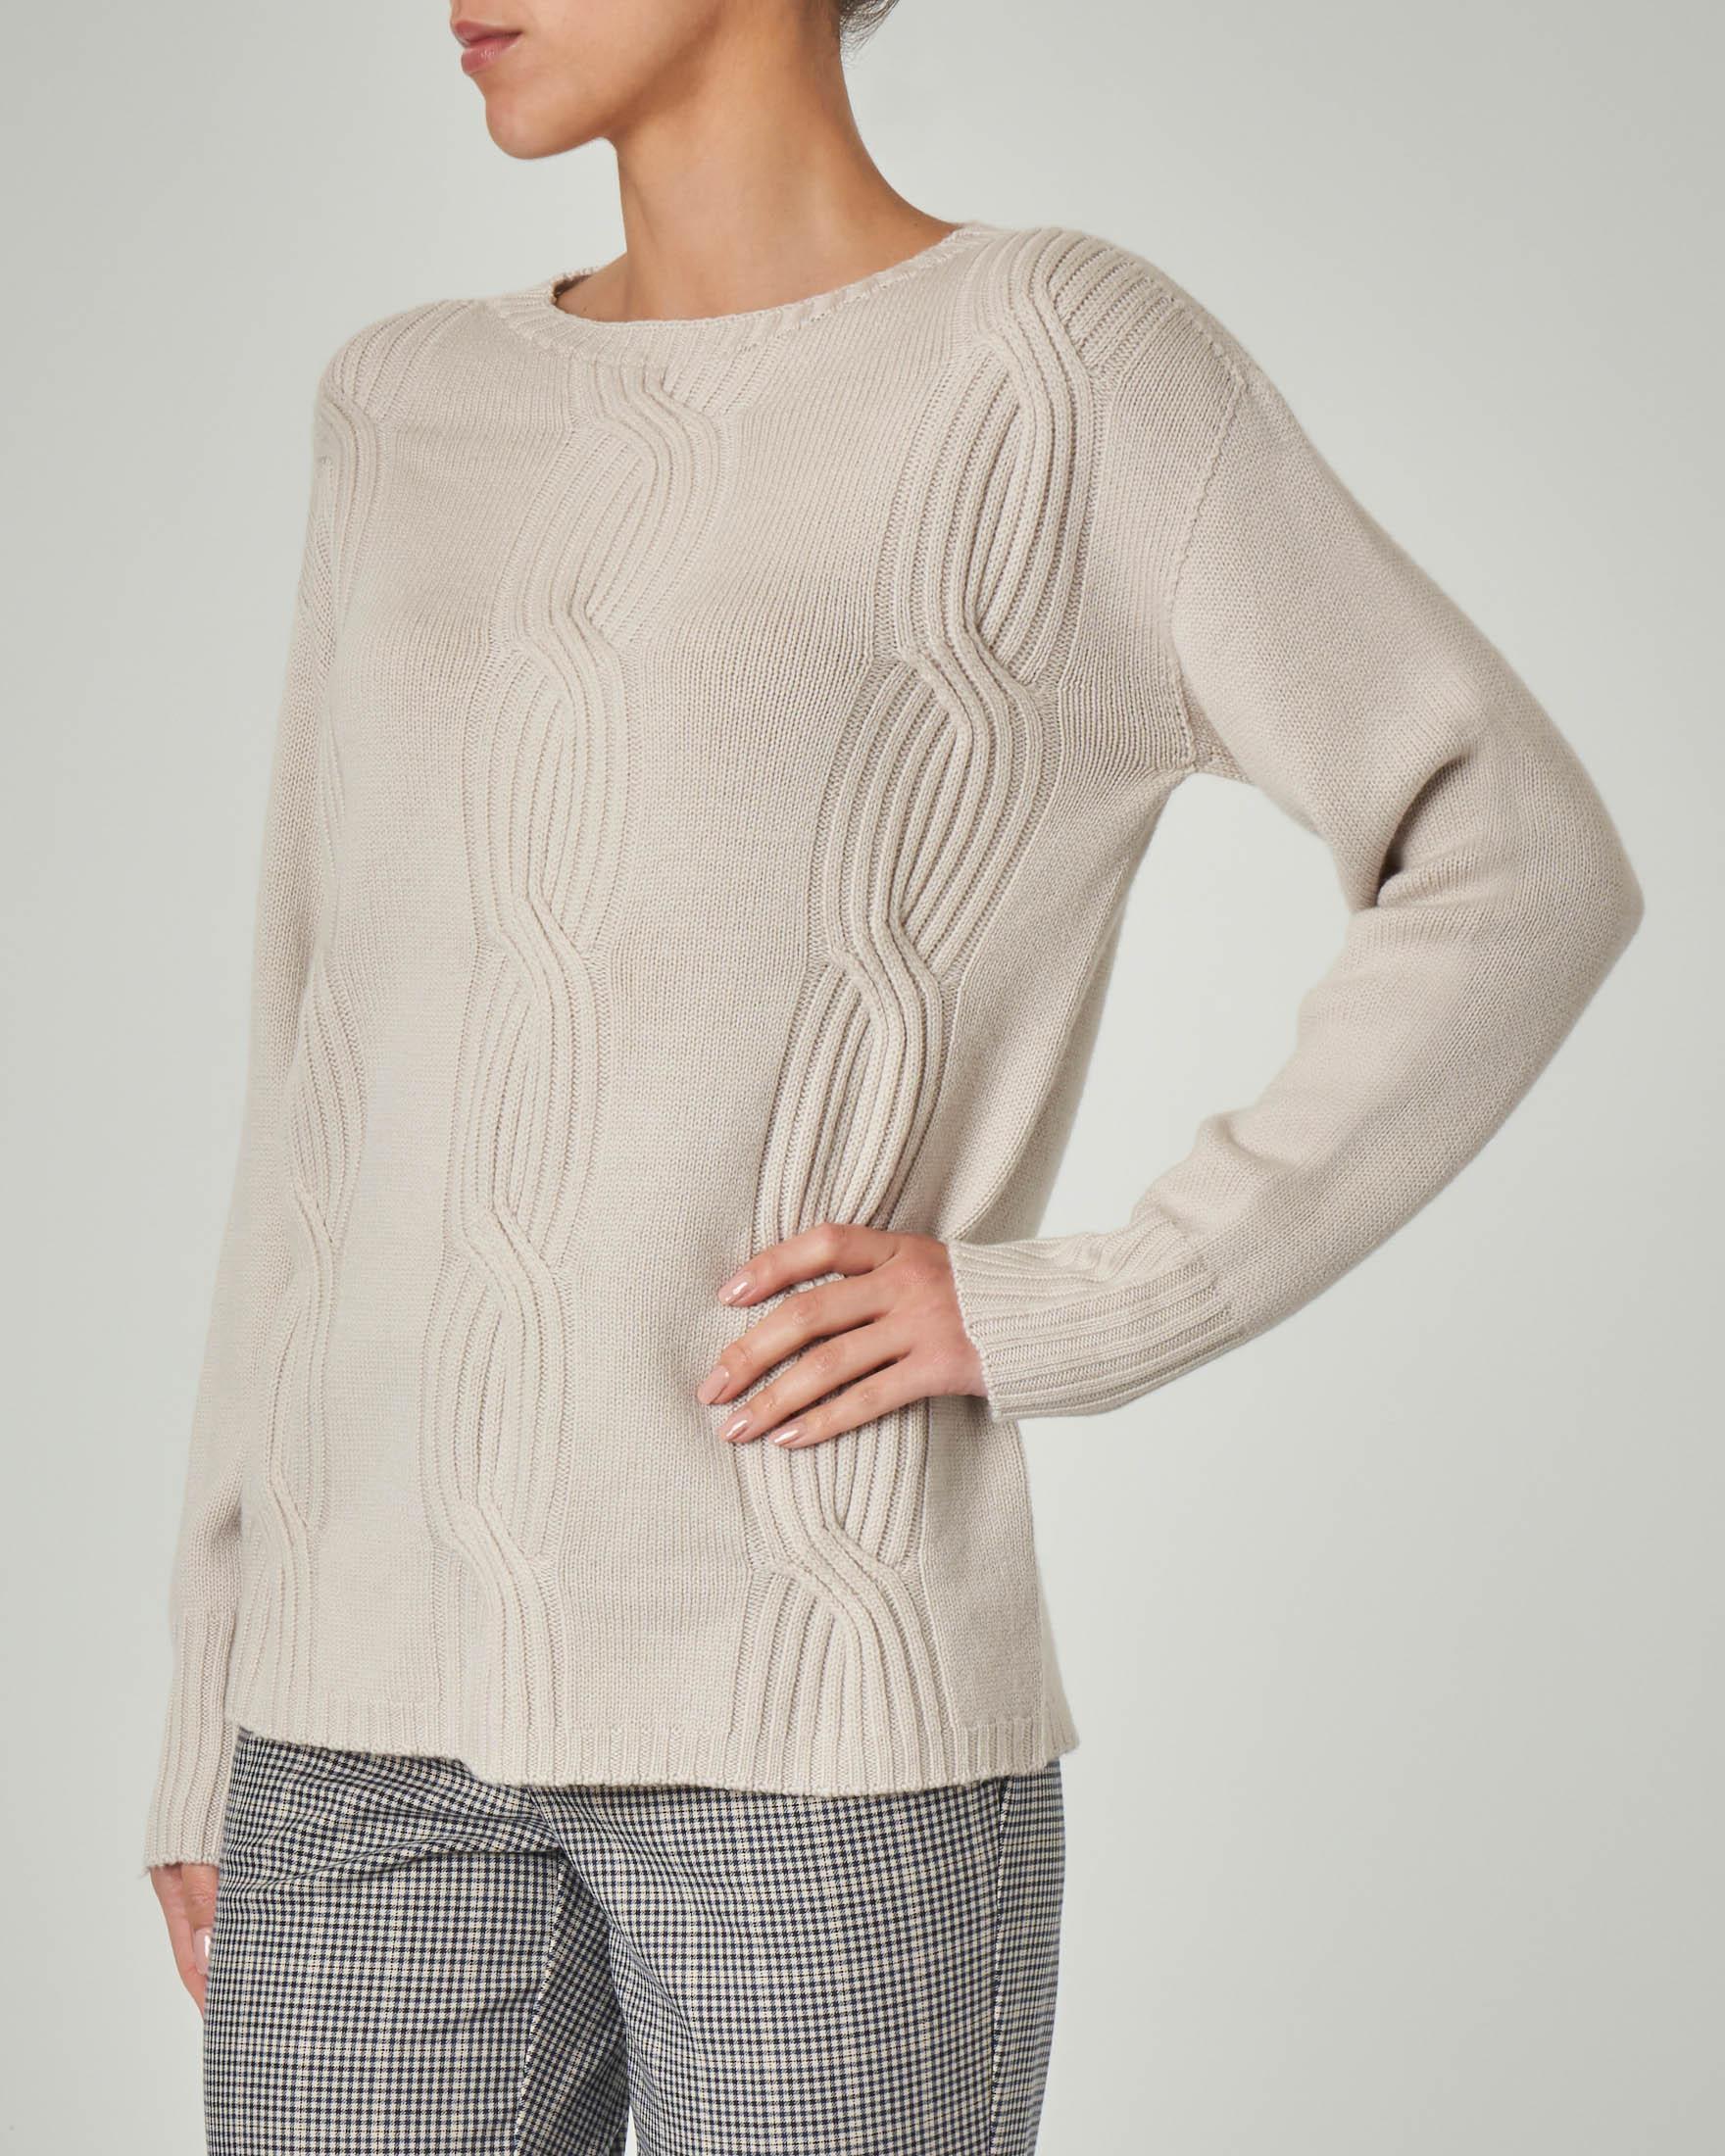 Maglia girocollo color gesso in lana con lavorazione a trecce